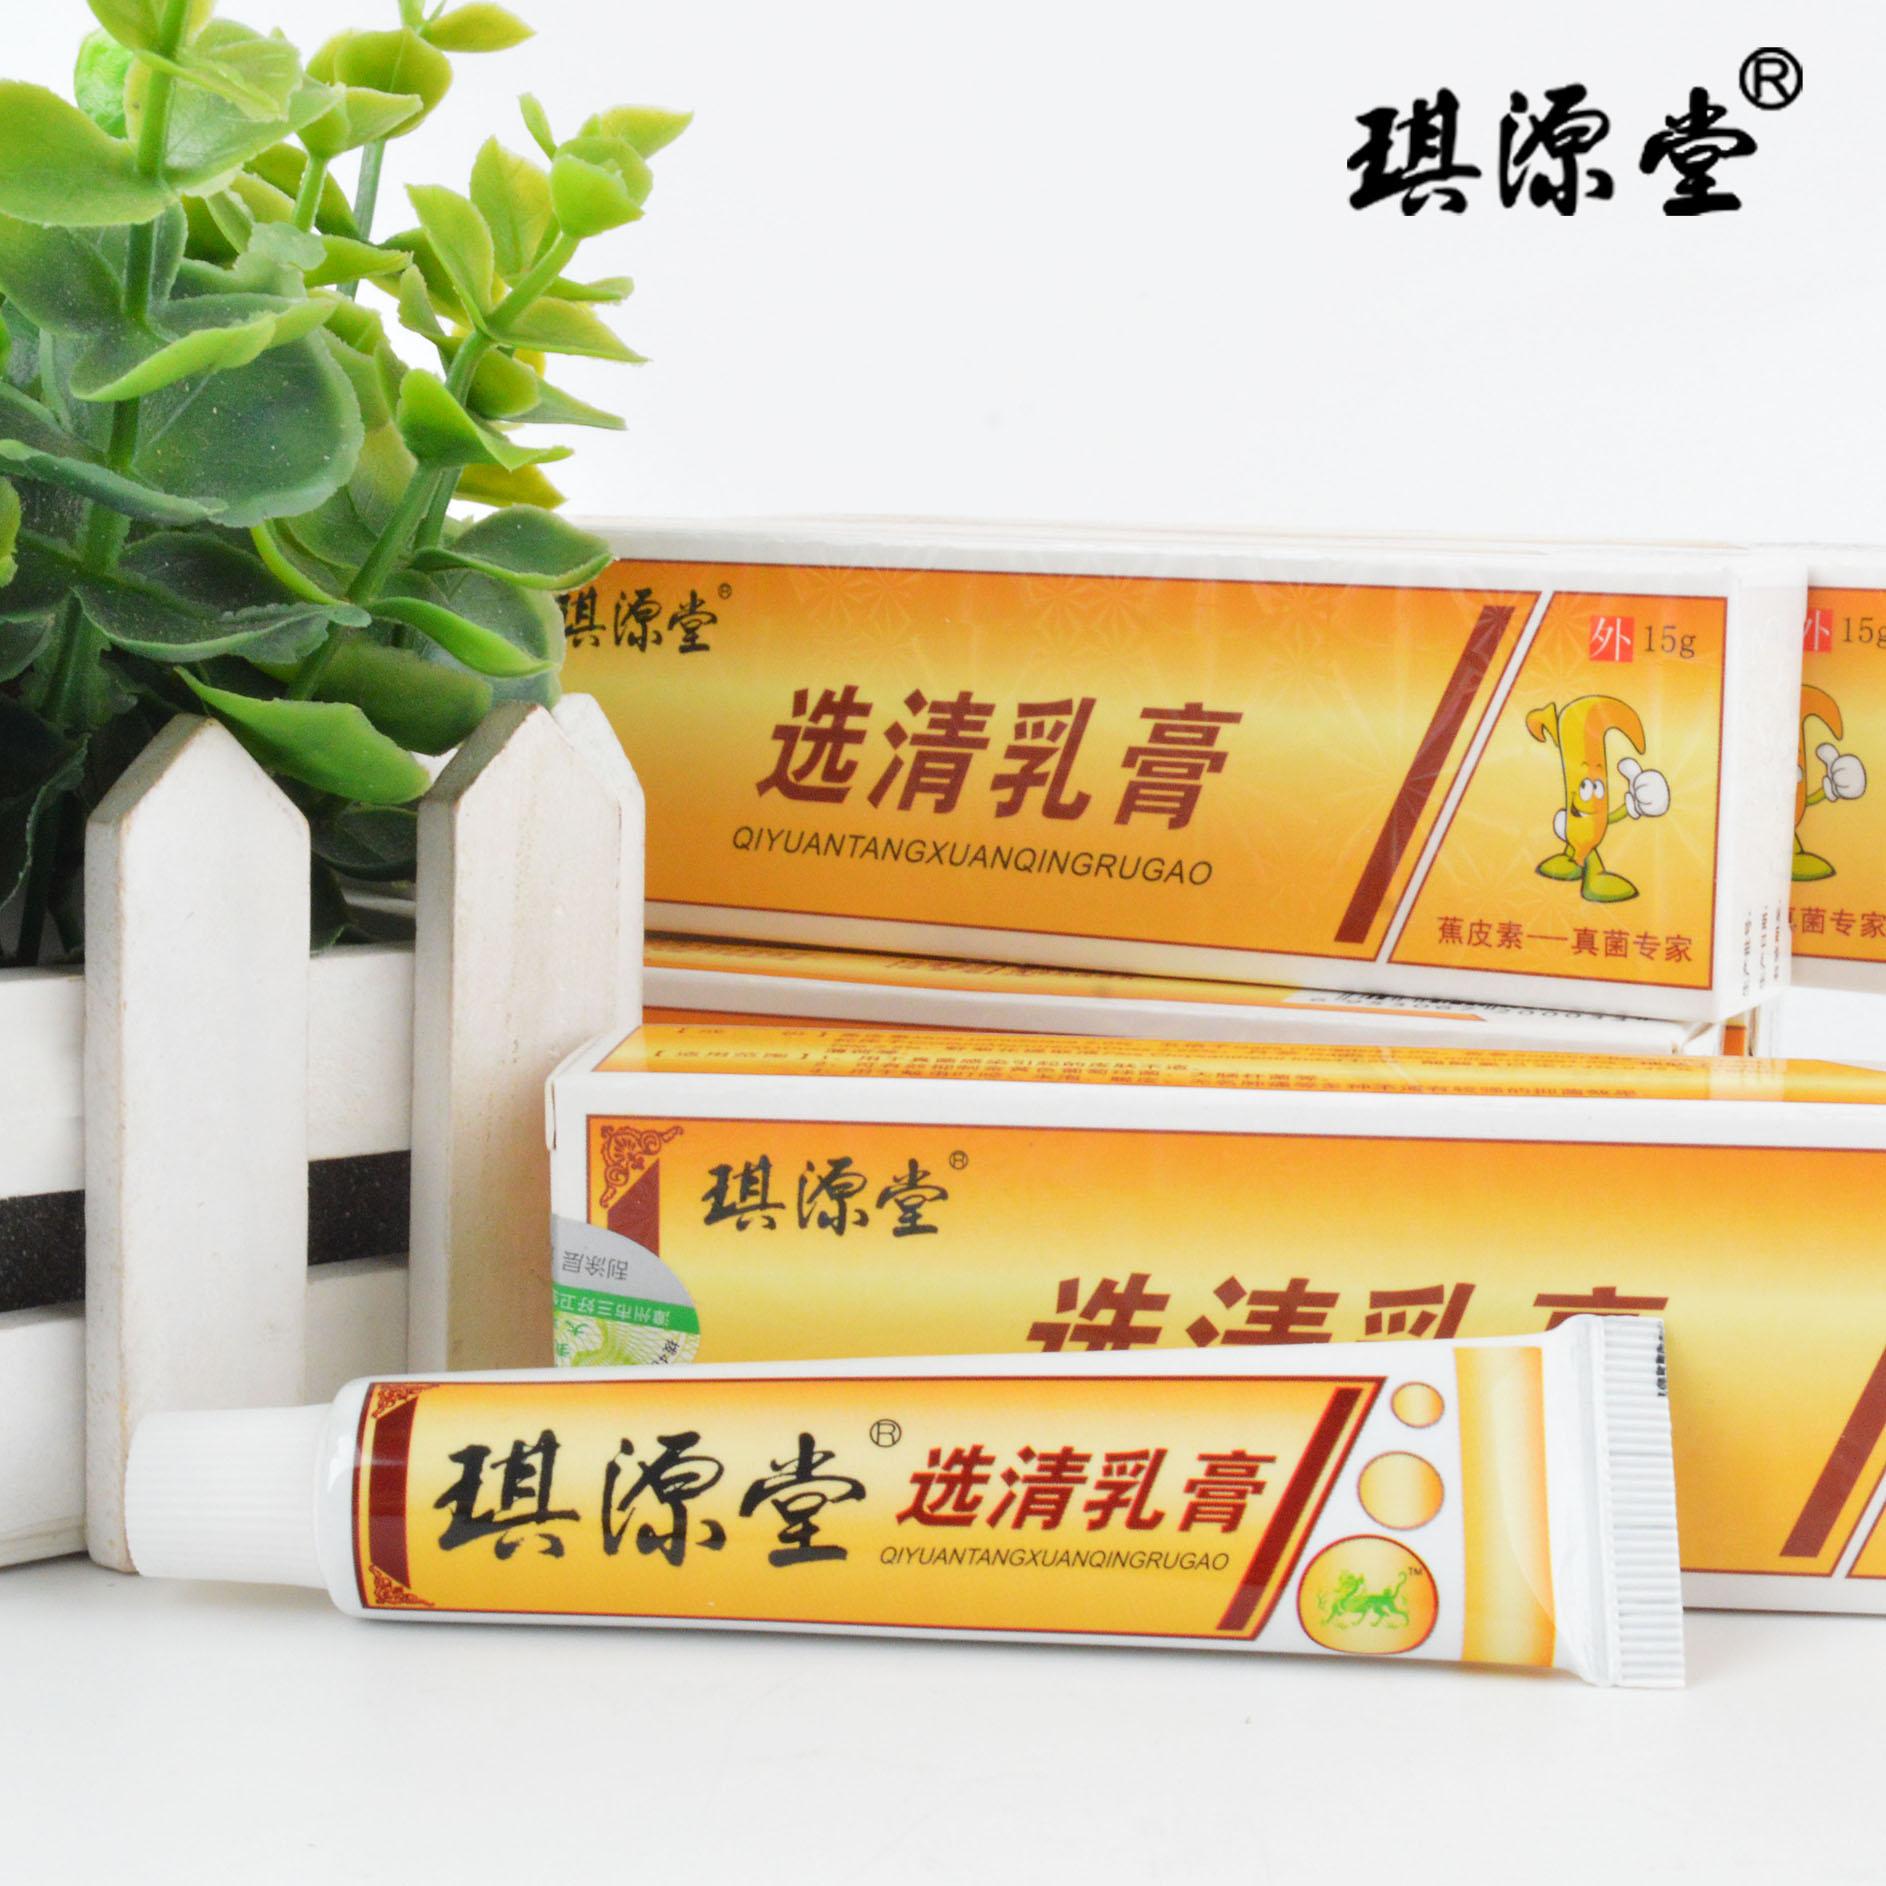 琪源堂选清乳膏15g/支止痒干裂草本护肤漳州三好厂家发货正品包邮